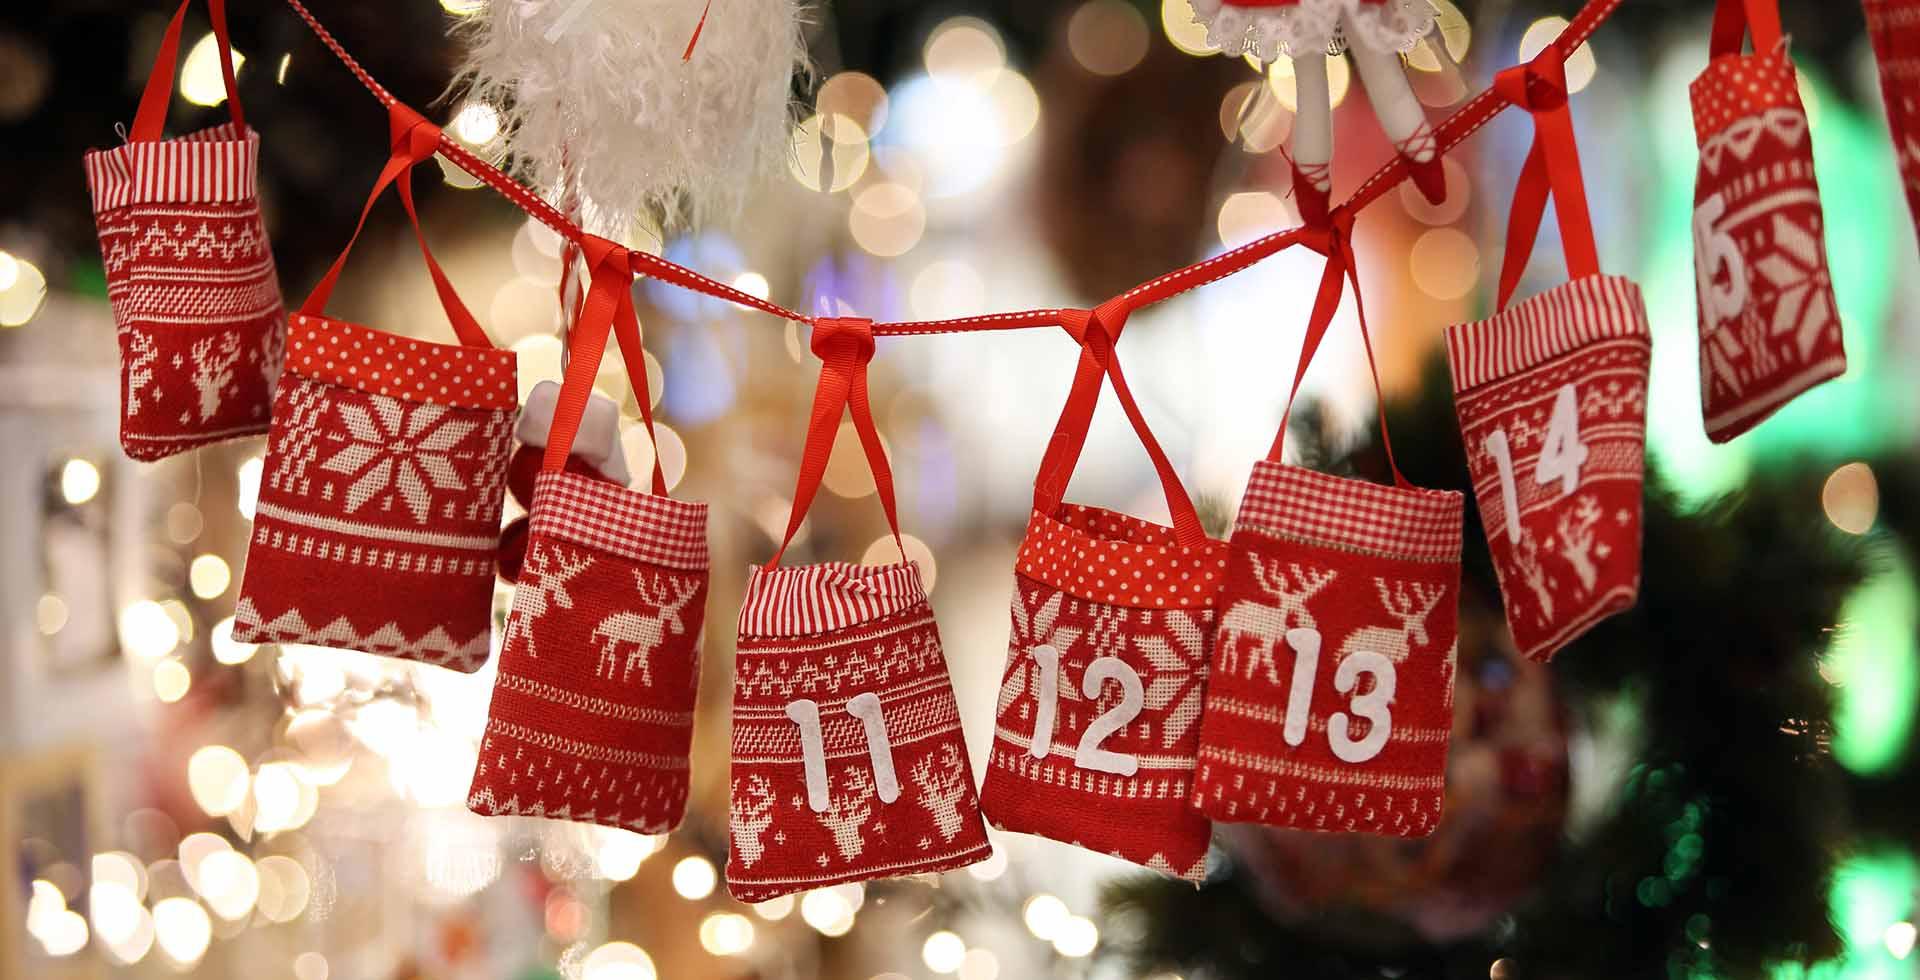 Anche quest'anno non possiamo fare a meno di un calendario dell'Avvento che riempa l'attesa di bellezza